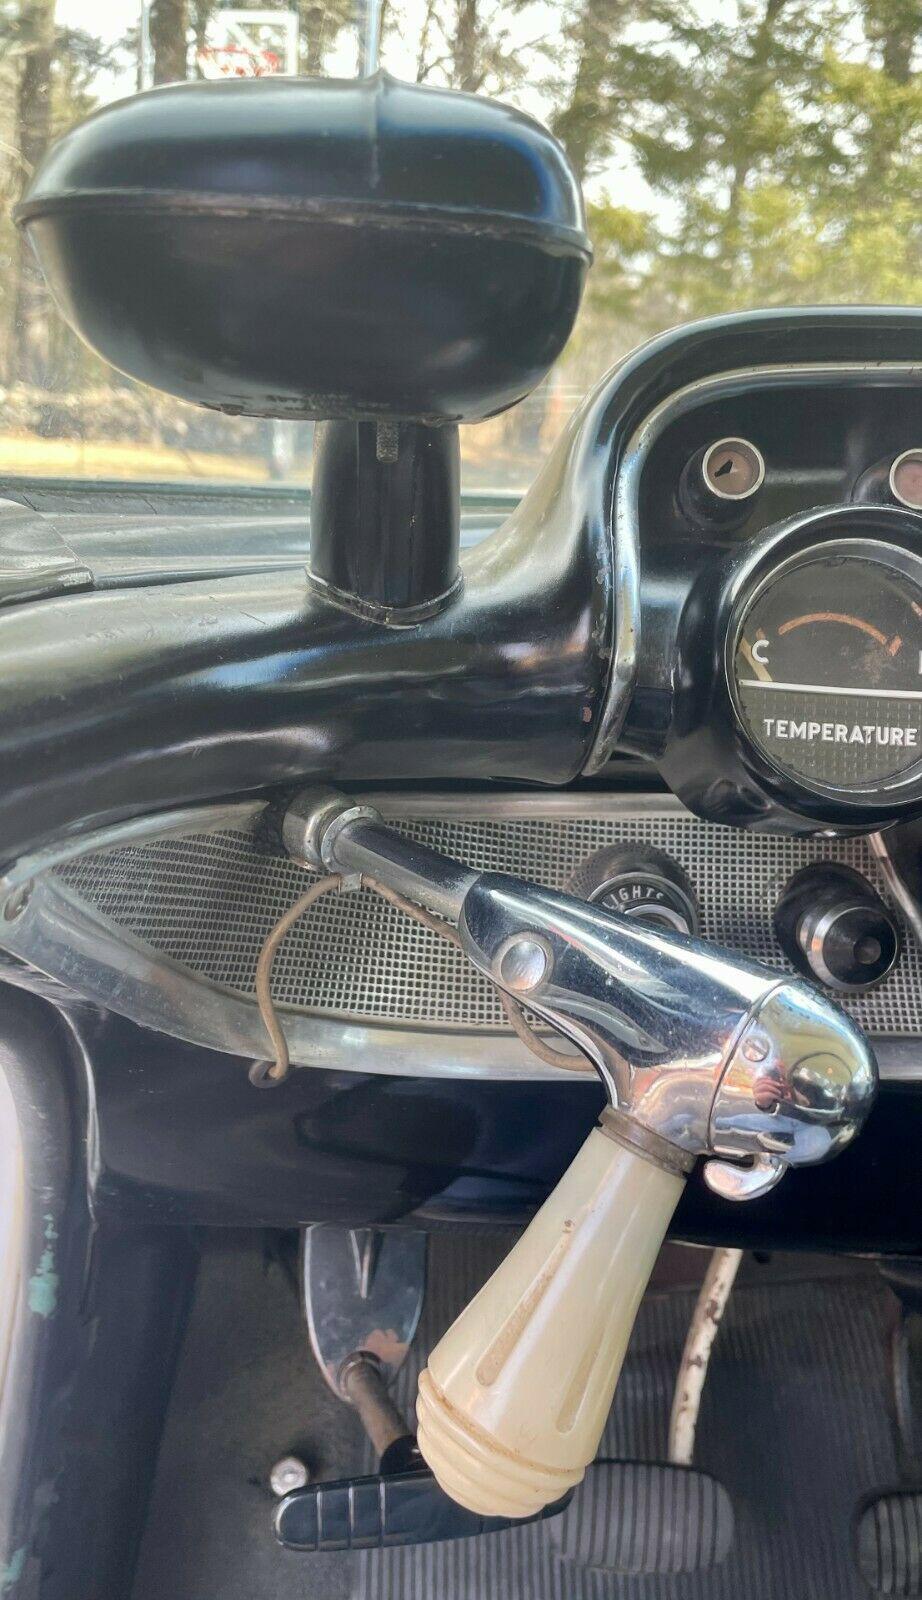 Chevrolet Bel Air 1957 tìm thấy trong nhà kho bỏ hoang sau nhiều thập kỷ, động cơ V8 chạy ngon lành - Ảnh 8.